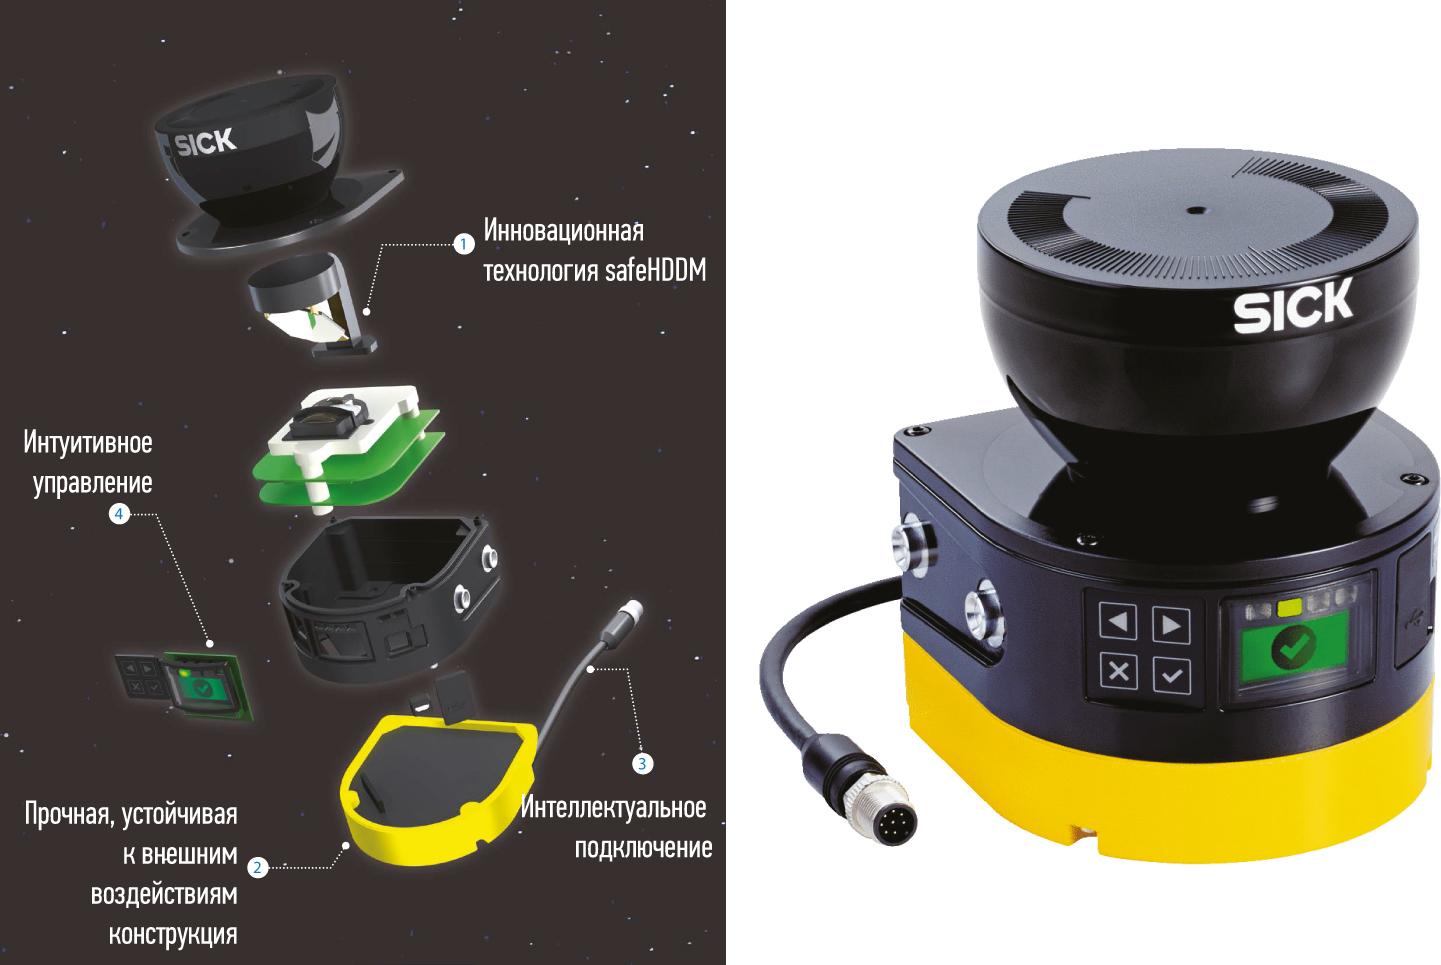 Лазерные сканеры безопасности семейства microScan3 Core